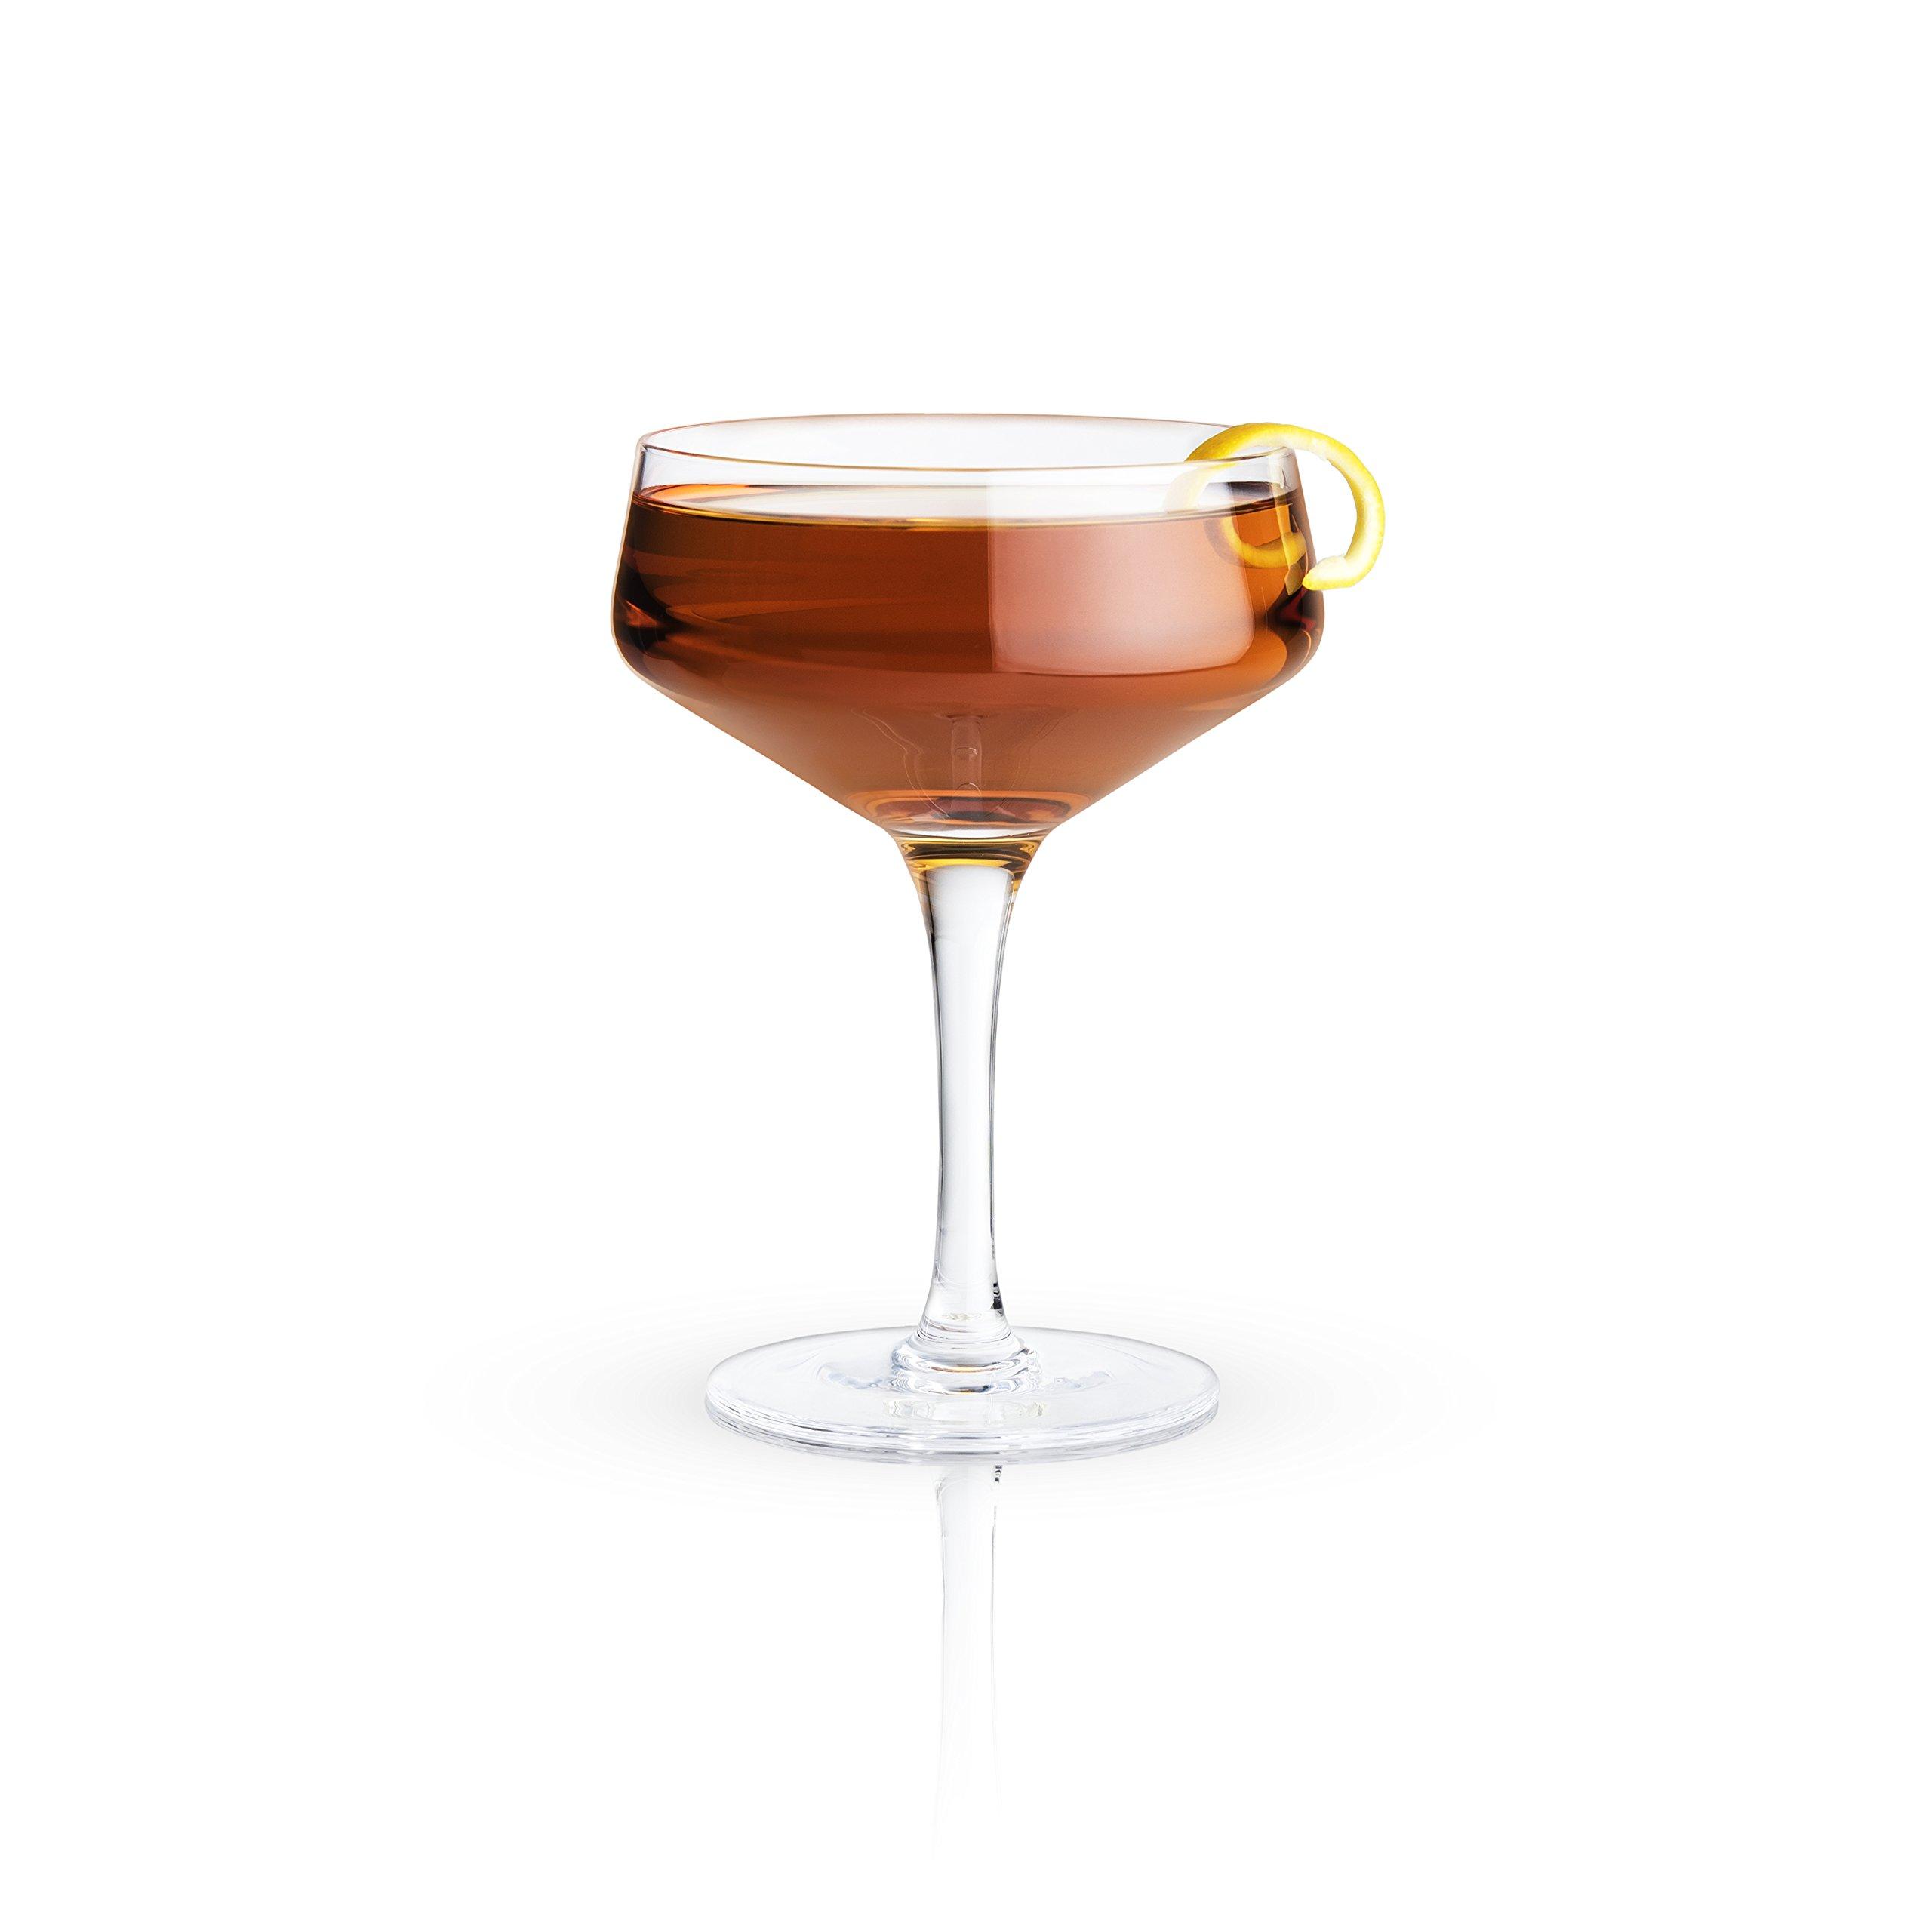 Viski 5399 Raye Crystal Coupe Glass, Set of 2